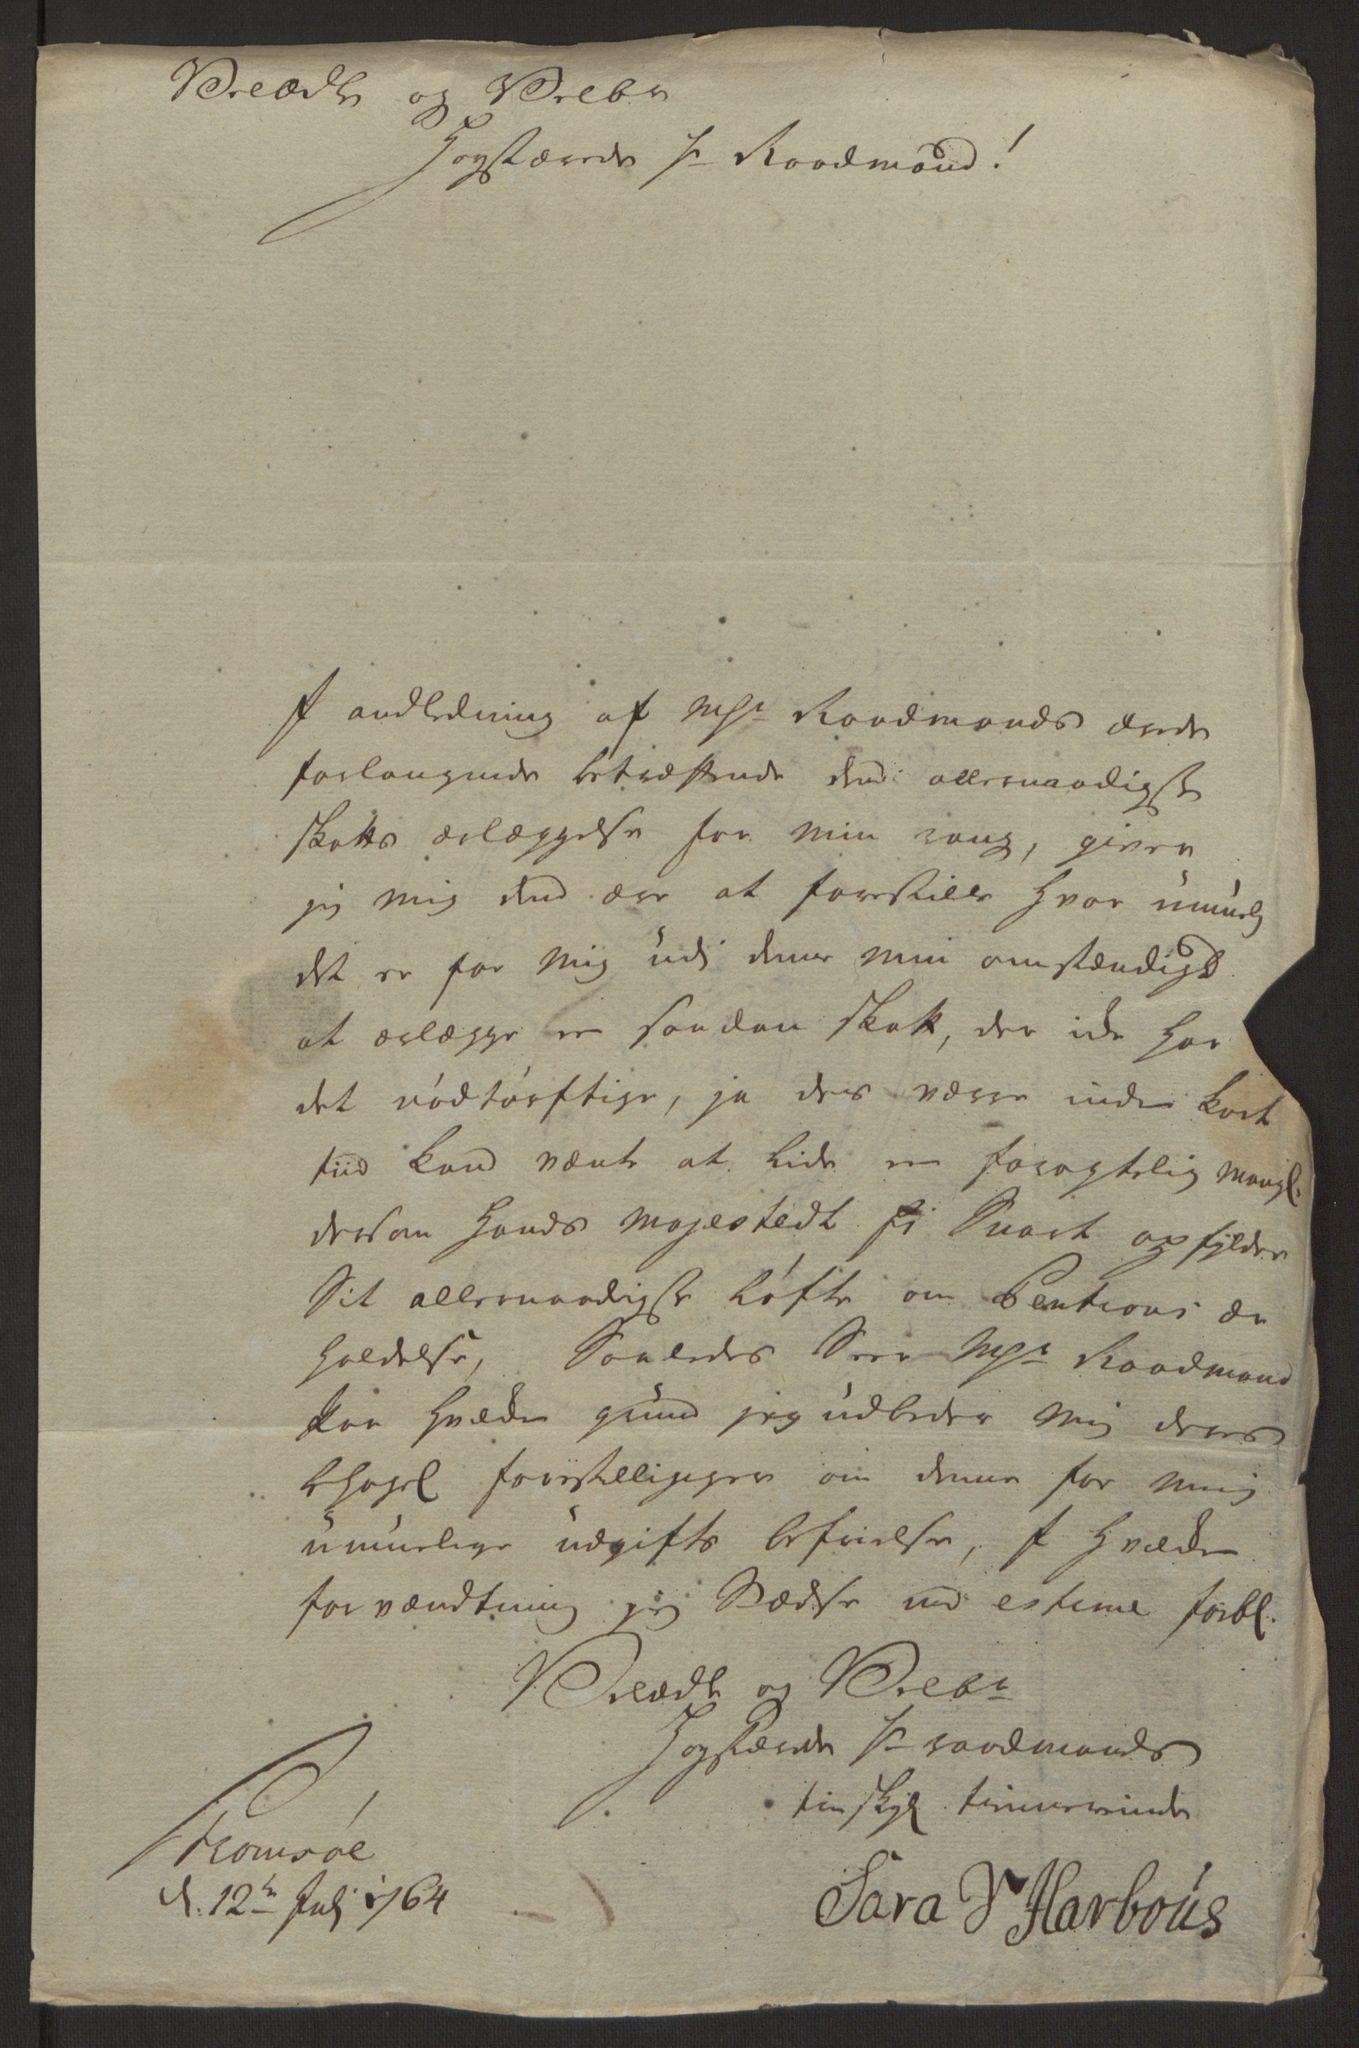 RA, Rentekammeret inntil 1814, Reviderte regnskaper, Byregnskaper, R/Rg/L0144: [G4] Kontribusjonsregnskap, 1762-1767, s. 312